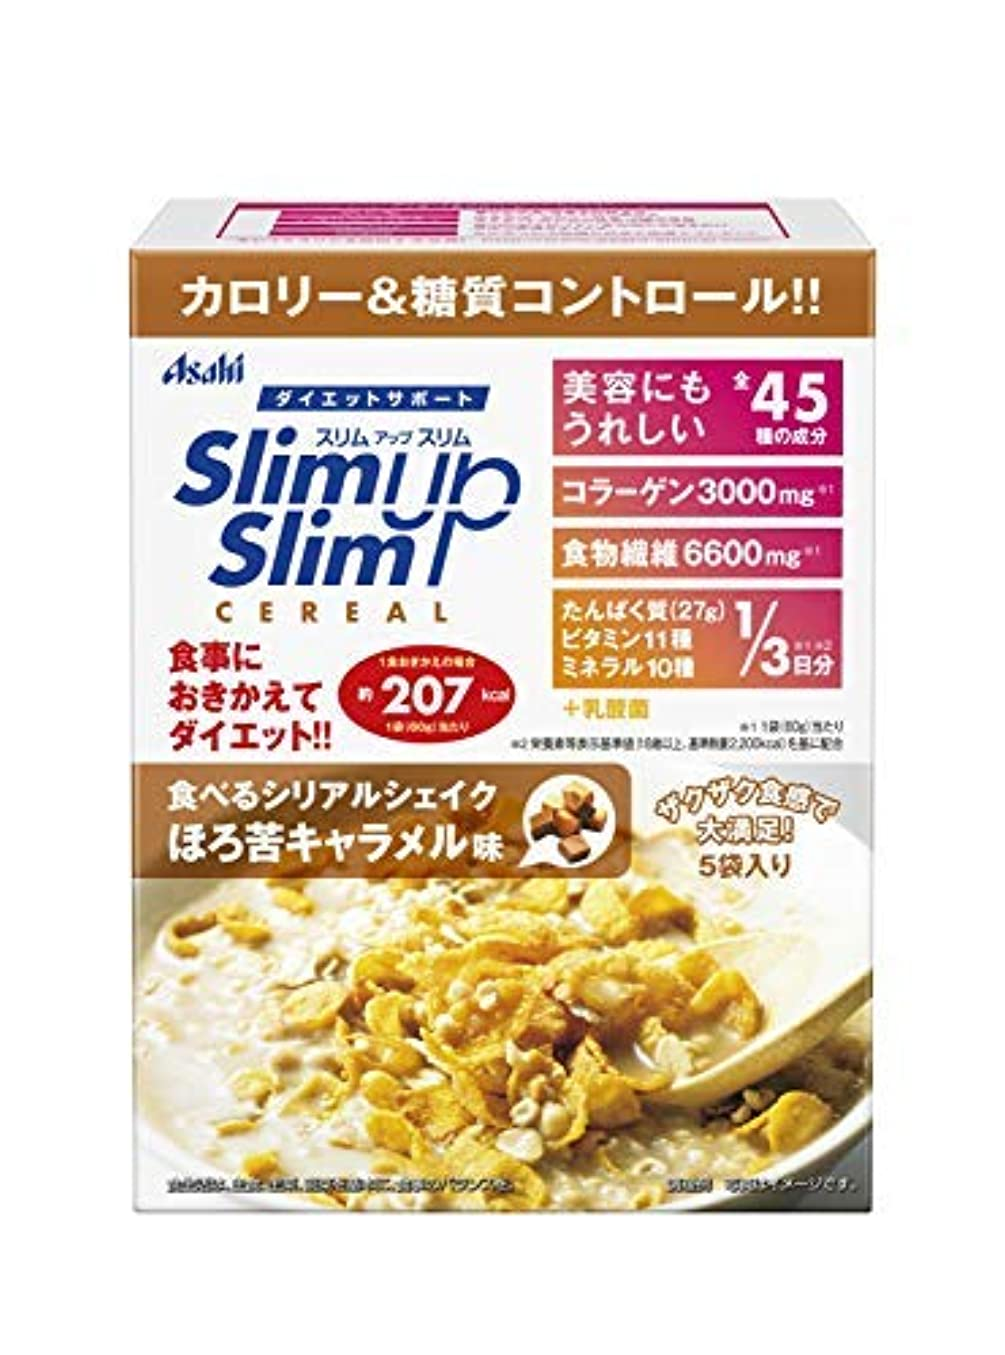 毛細血管楽しい苗アサヒグループ食品 スリムアップスリム 食べるシリアルシェイク ほろ苦キャラメル味 60g×5袋入 × 6個セット